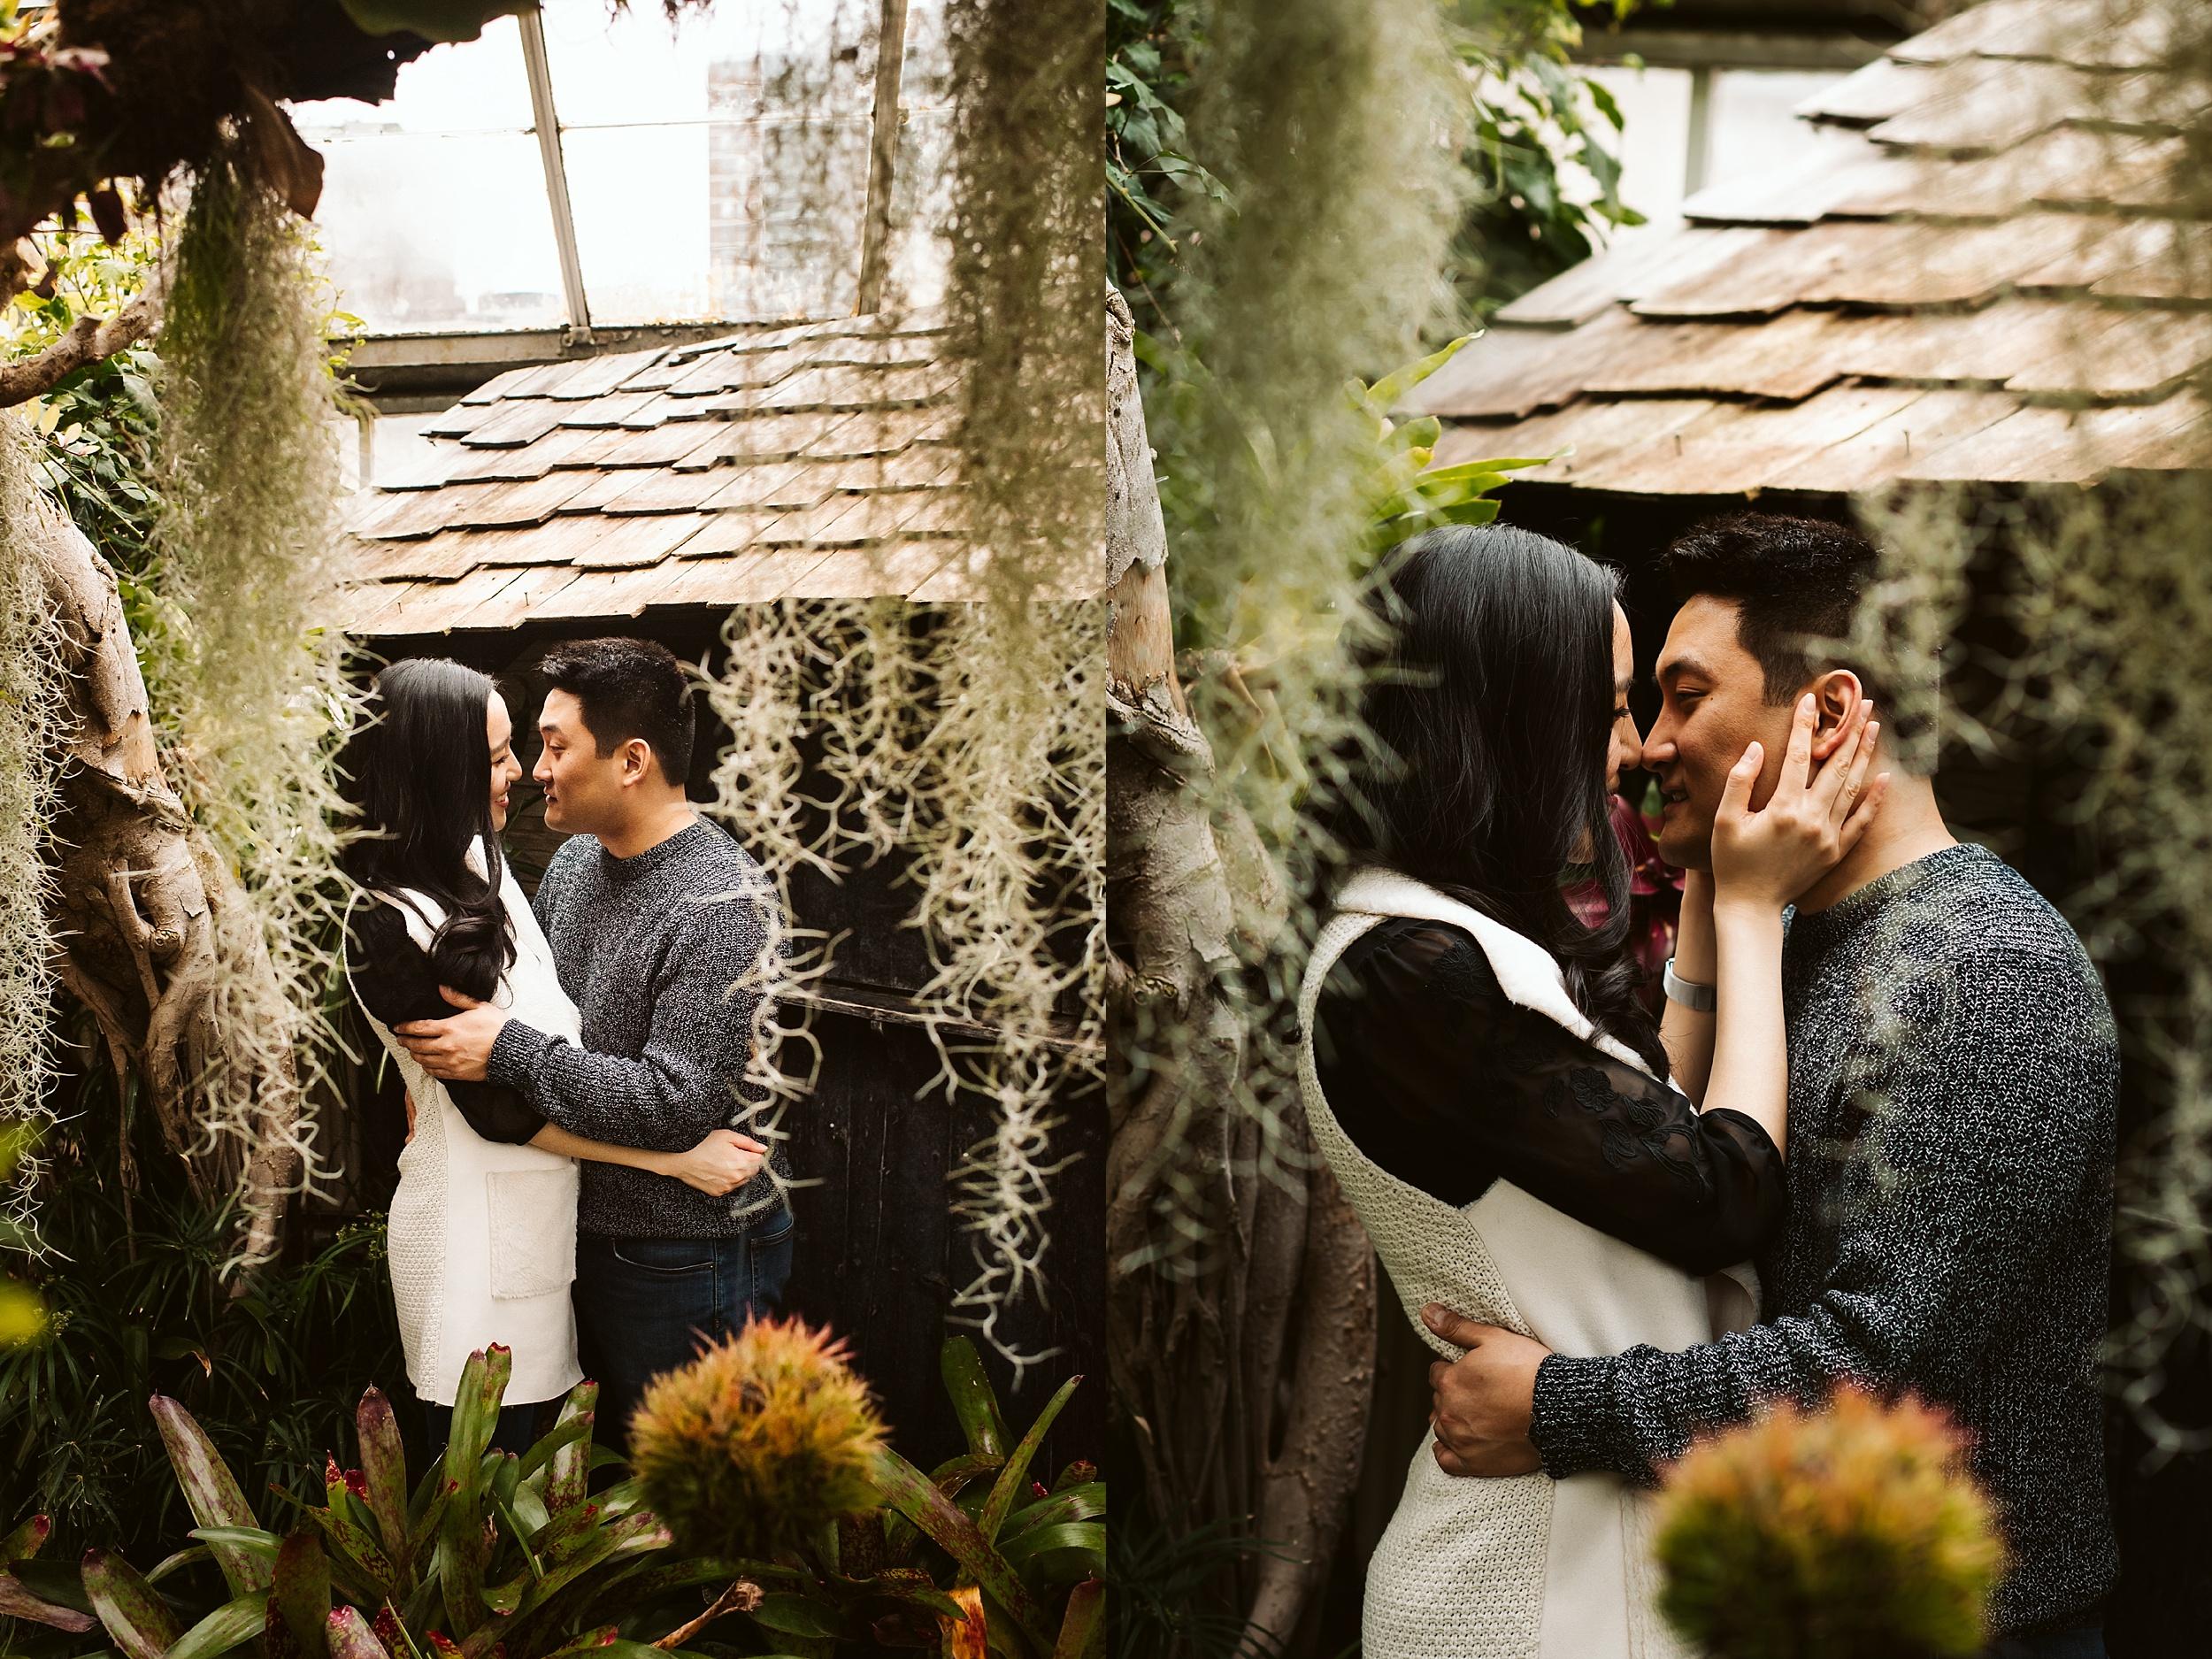 Allan Gardens Conservatory Engagement shoot   Louisa & Peter